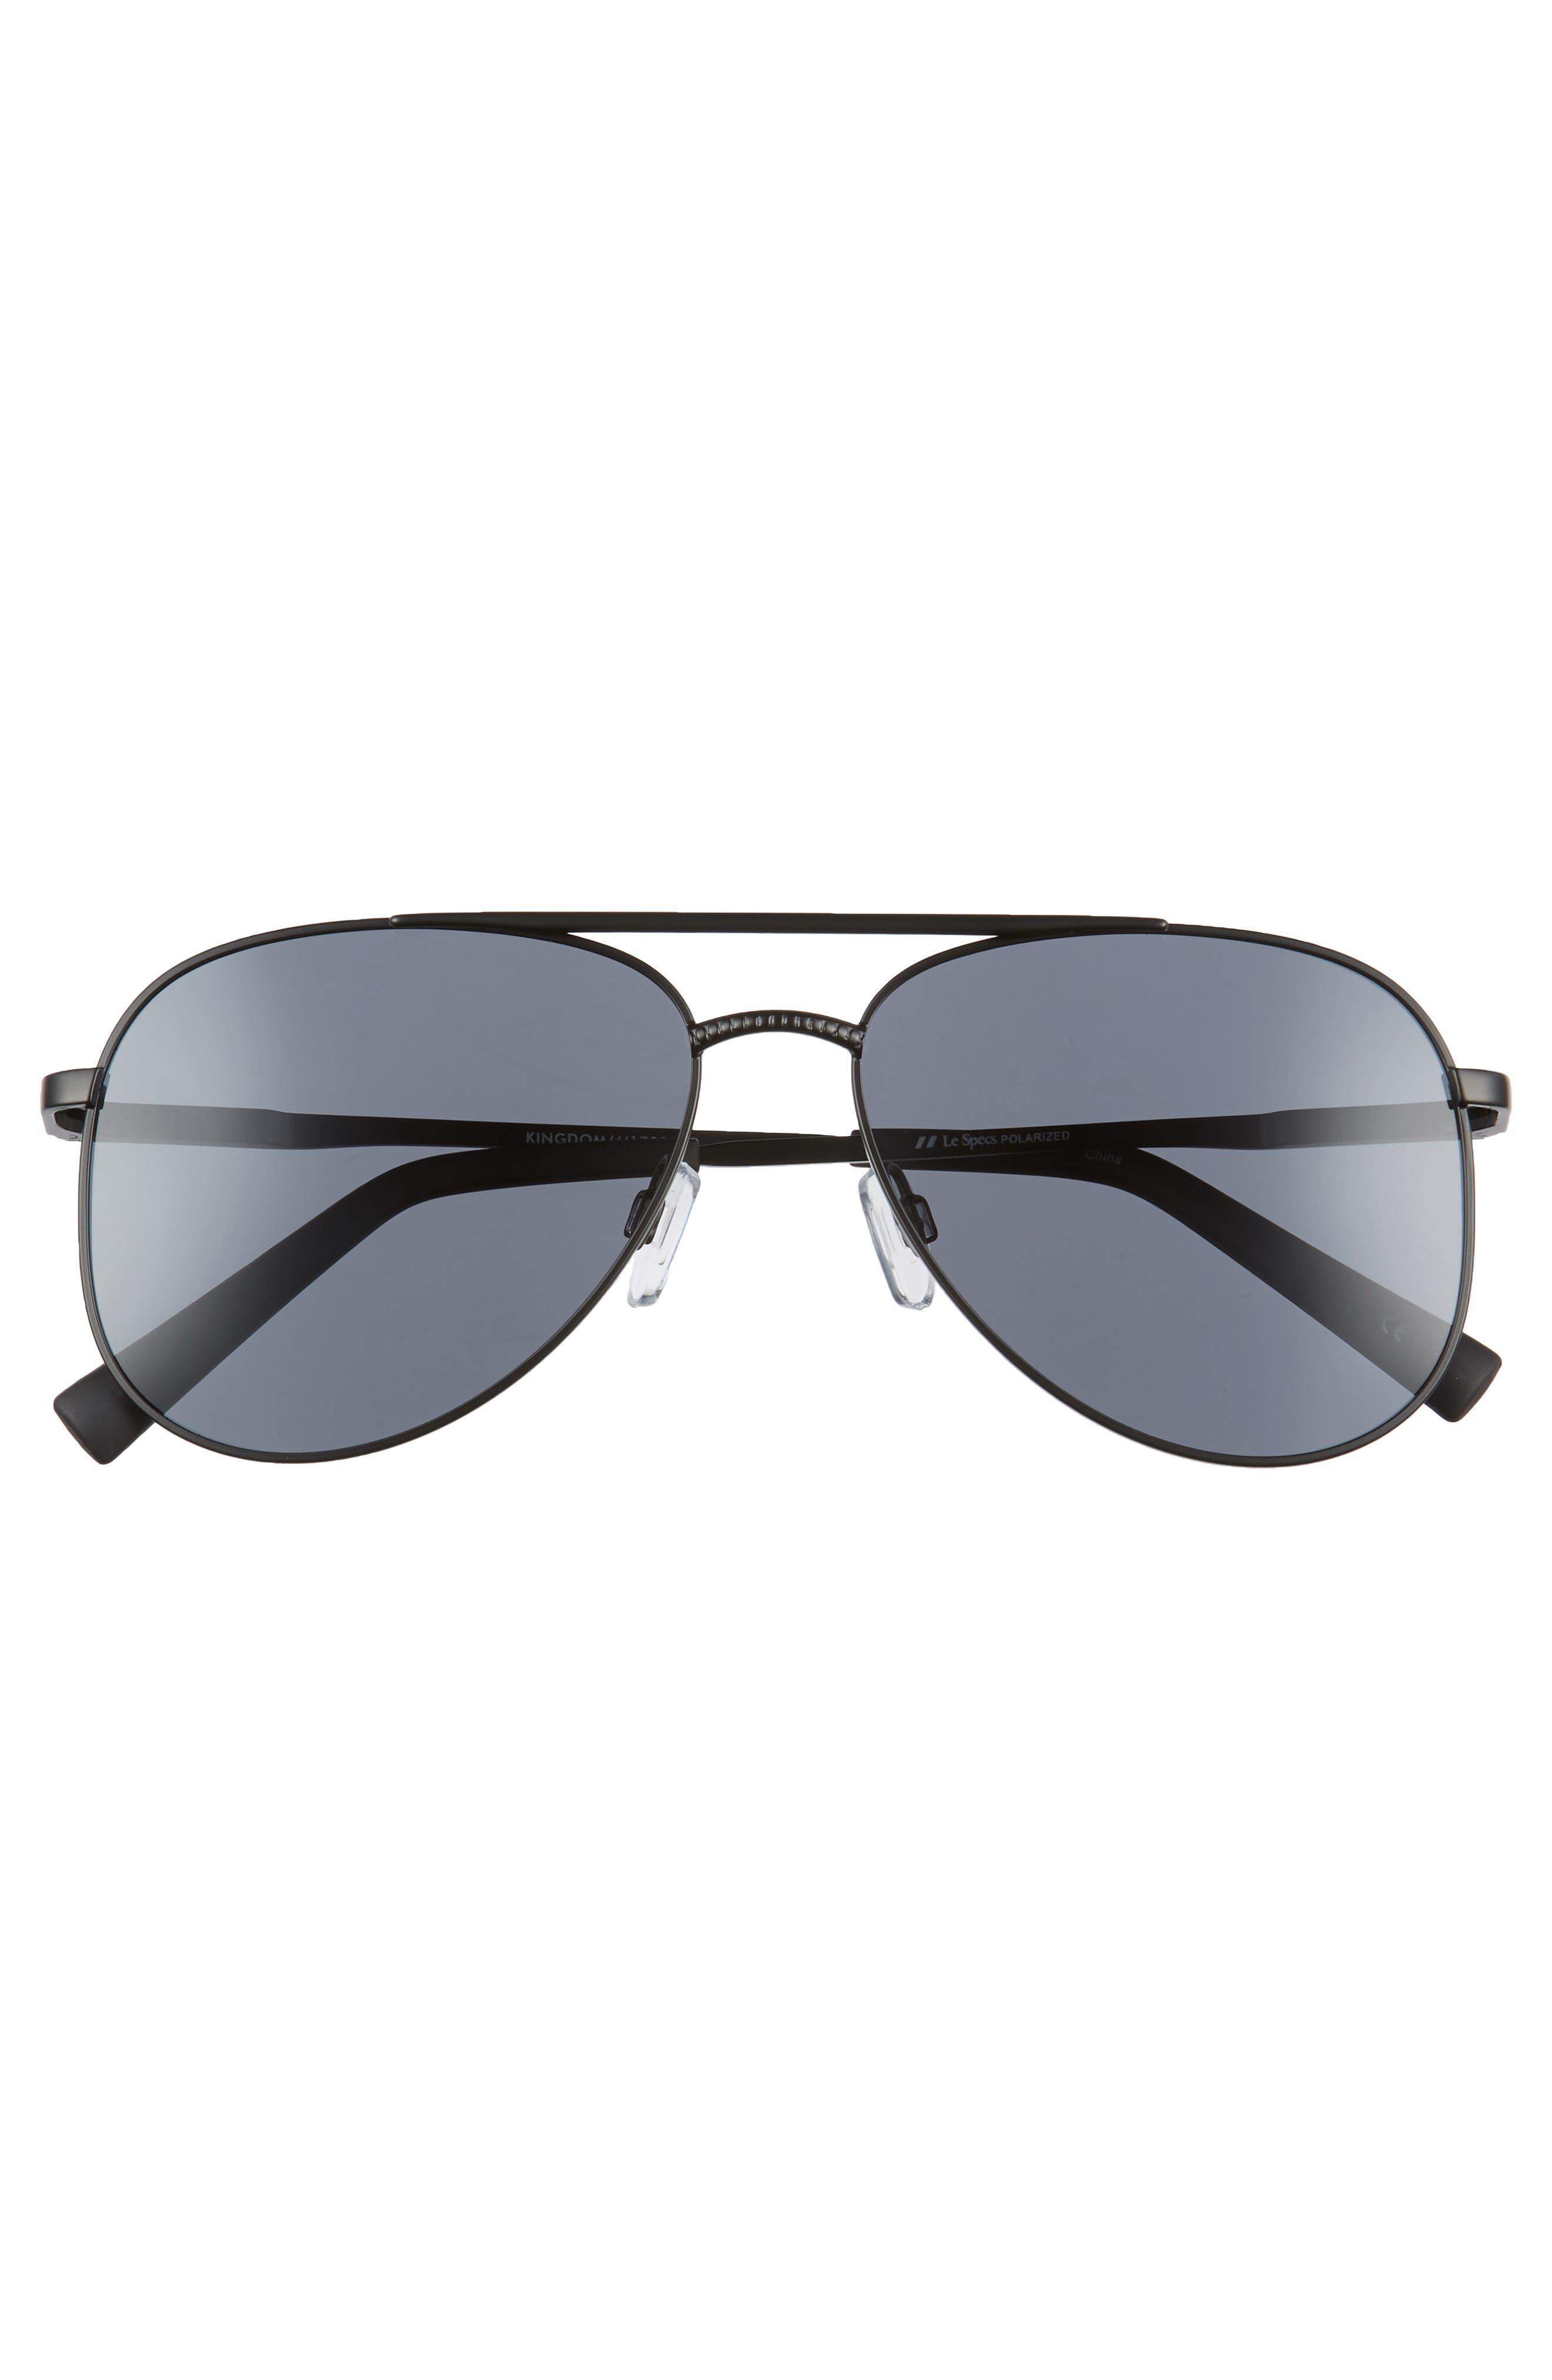 Kingdom 57mm Polarized Aviator Sunglasses,                             Alternate thumbnail 3, color,                             Matte Black